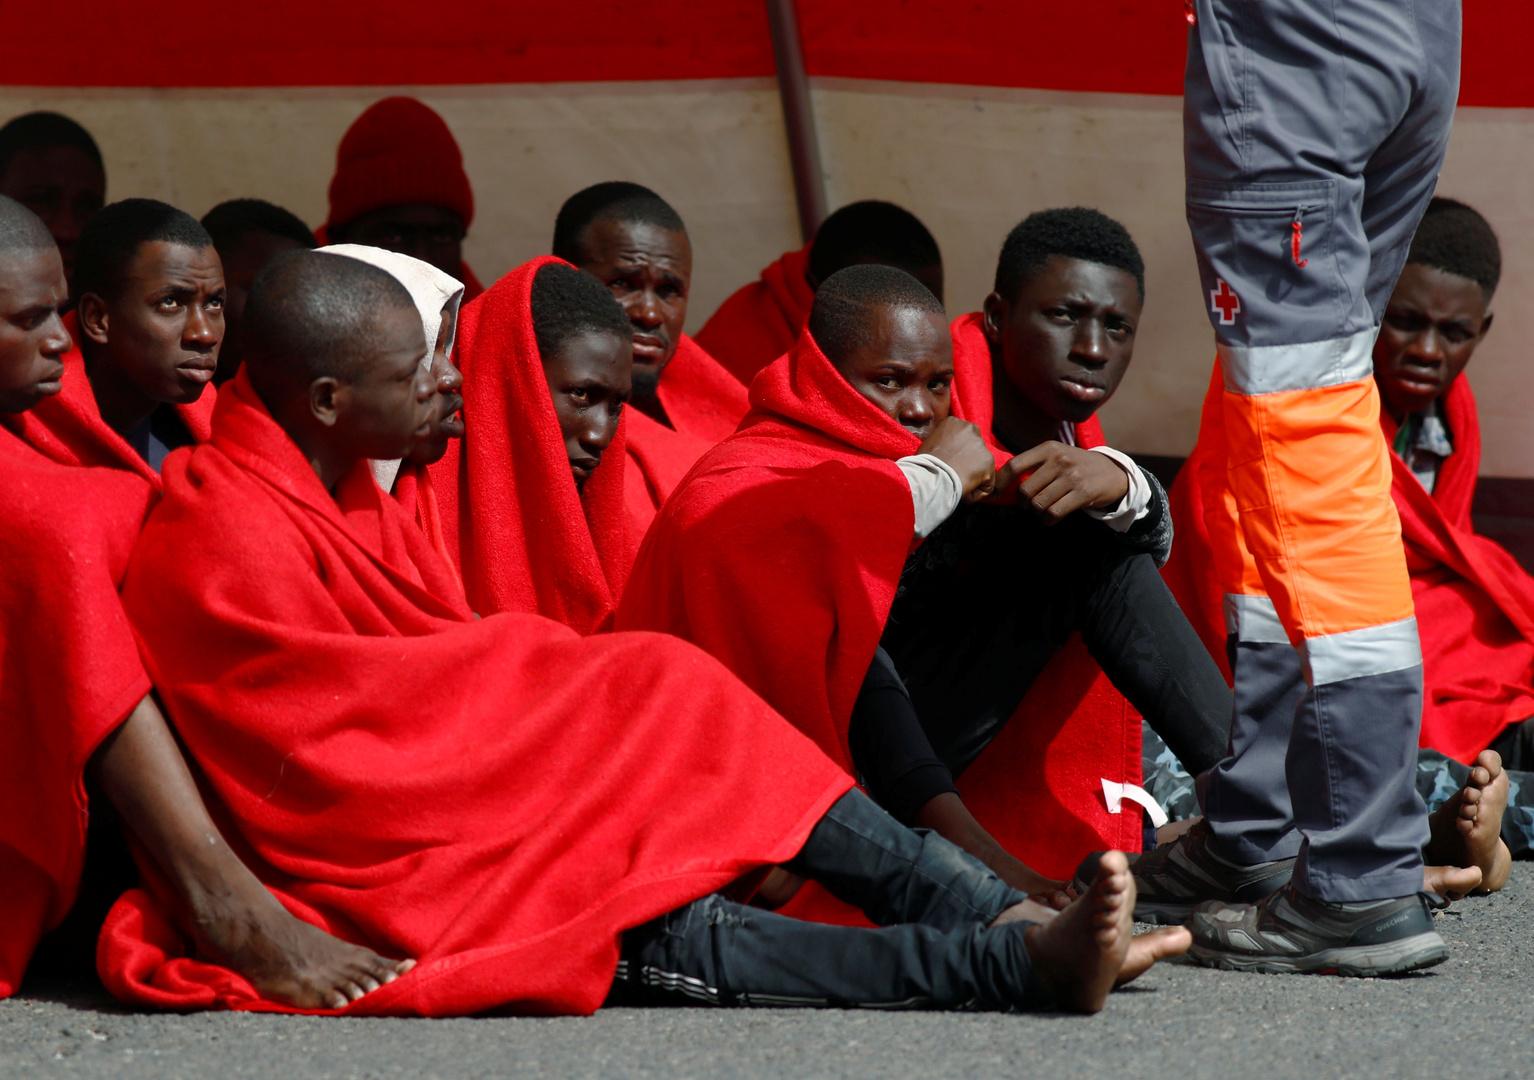 خفر السواحل الإسباني يعلن إنقاذ 49 مهاجرا قبالة جزيرة جران كناريا